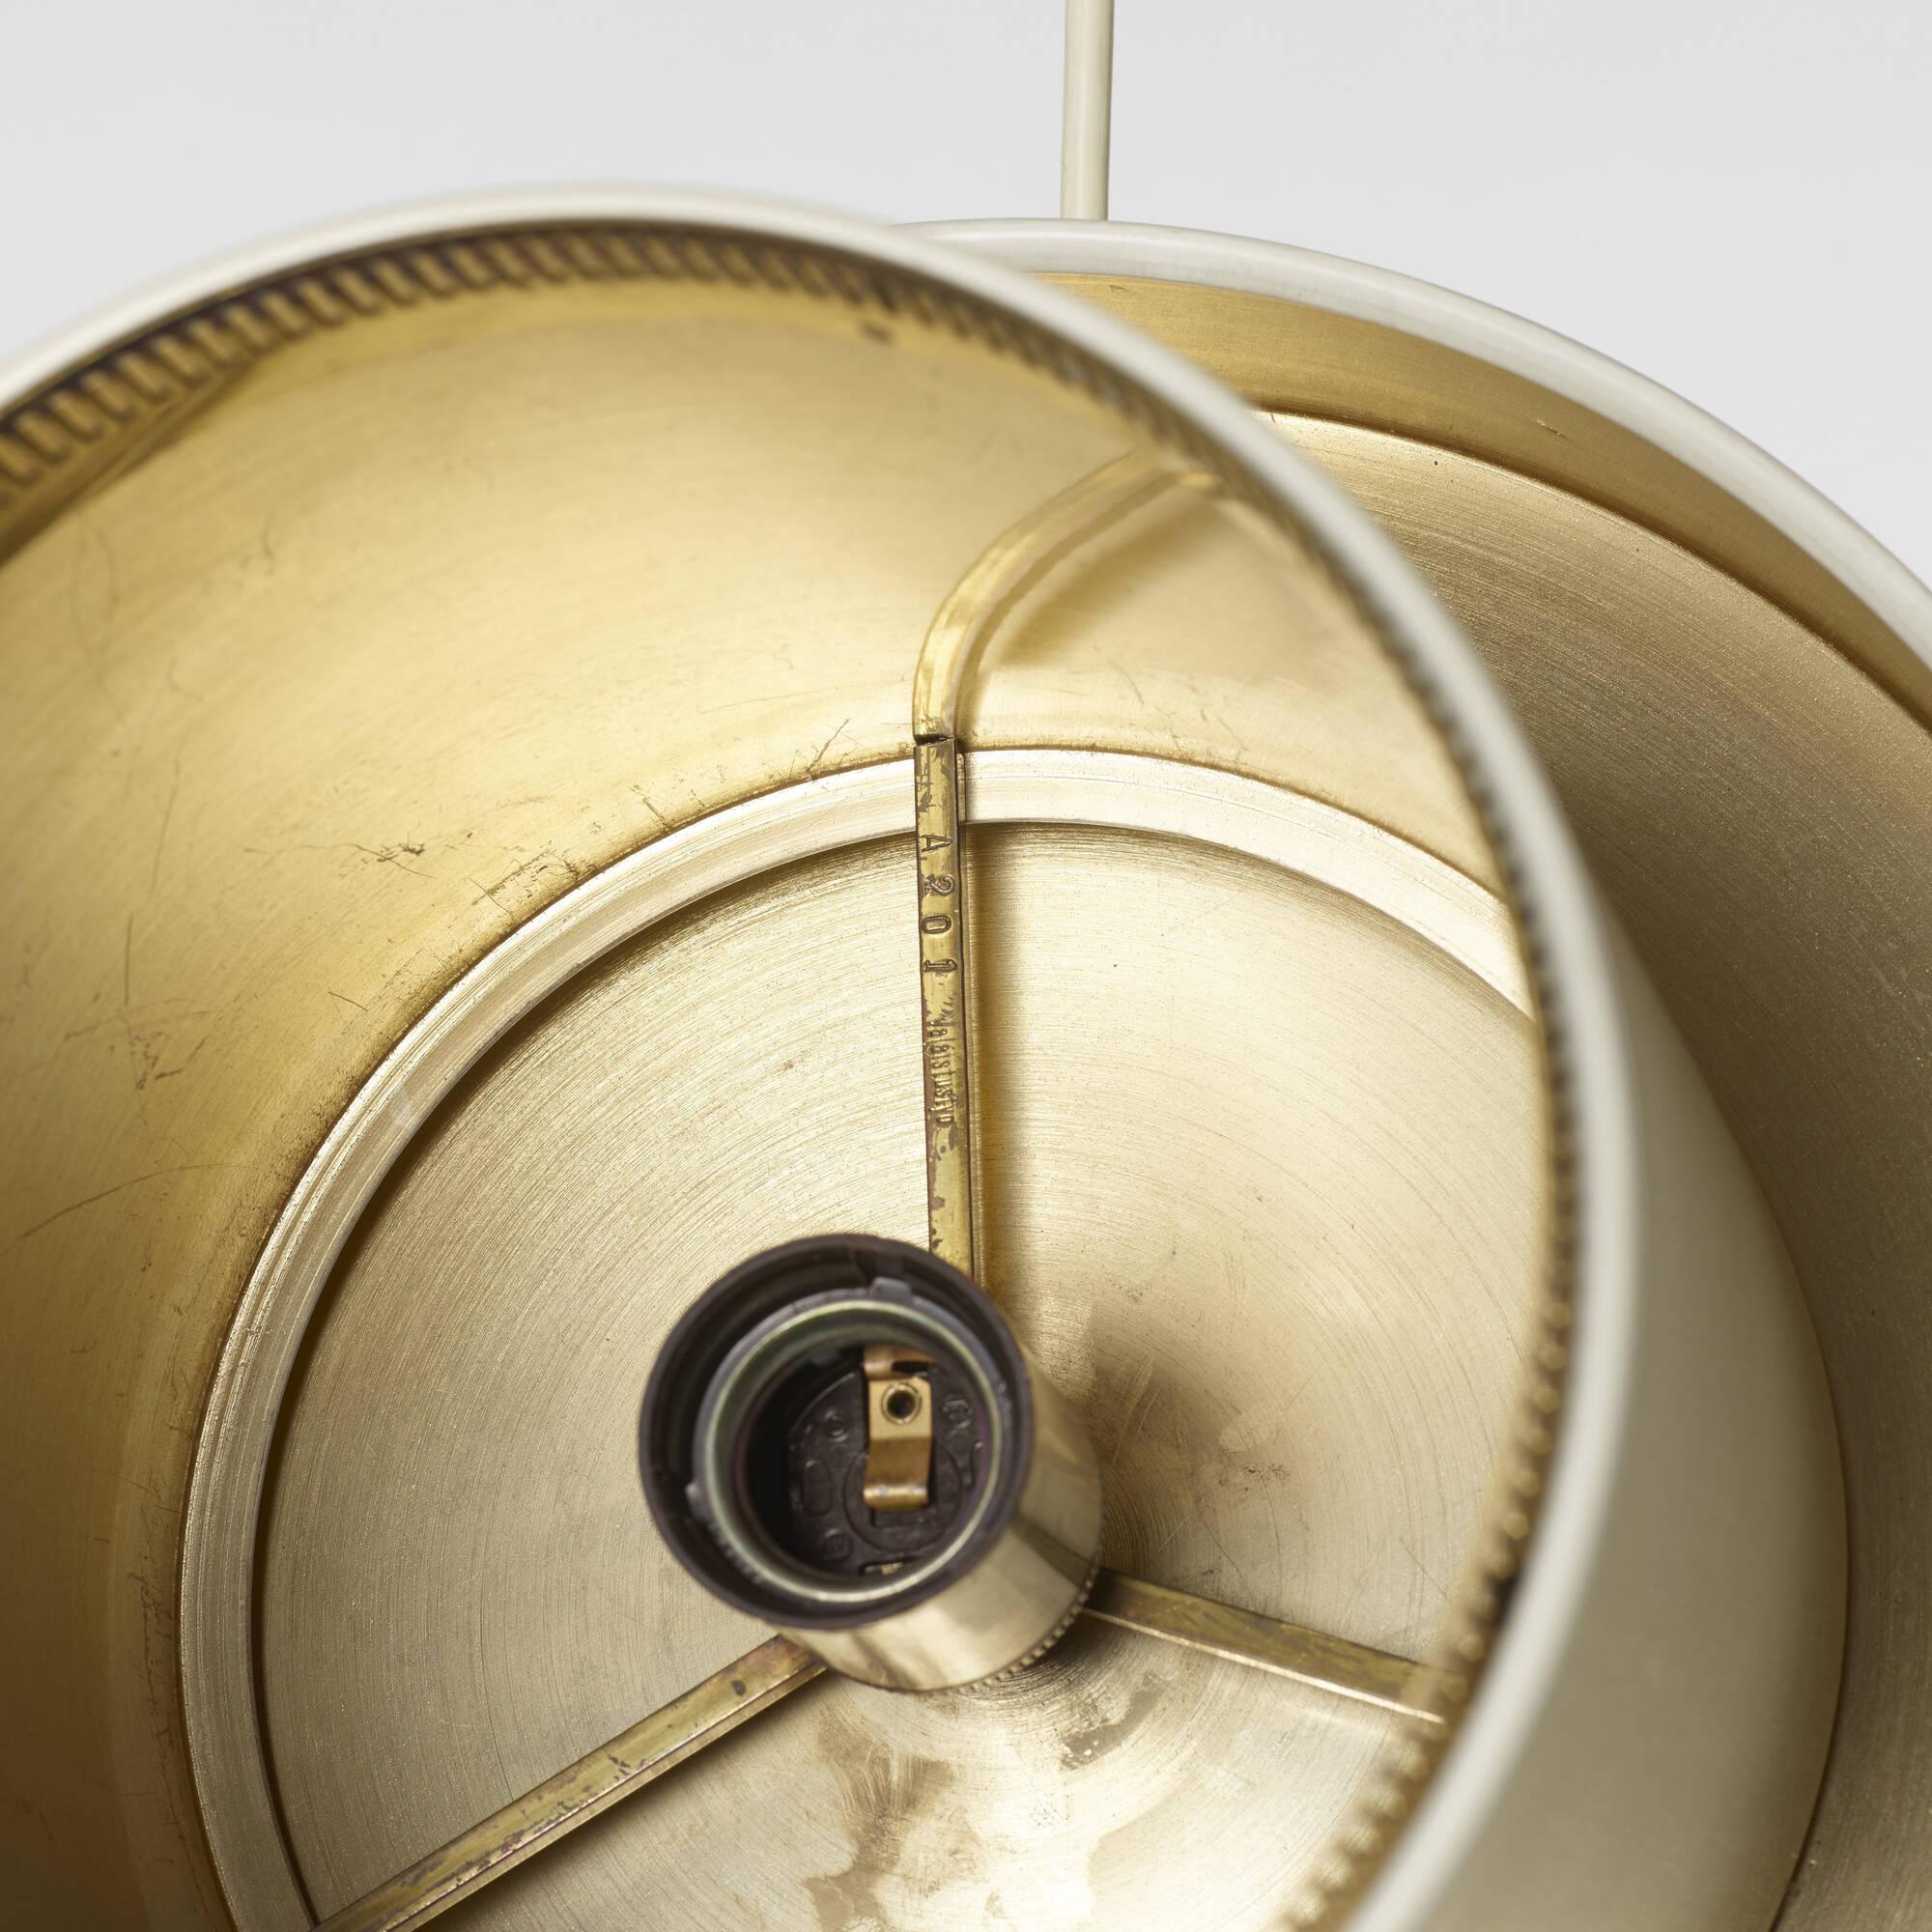 155: Alvar Aalto / pendant lamps model A 201, set of three (3 of 3)